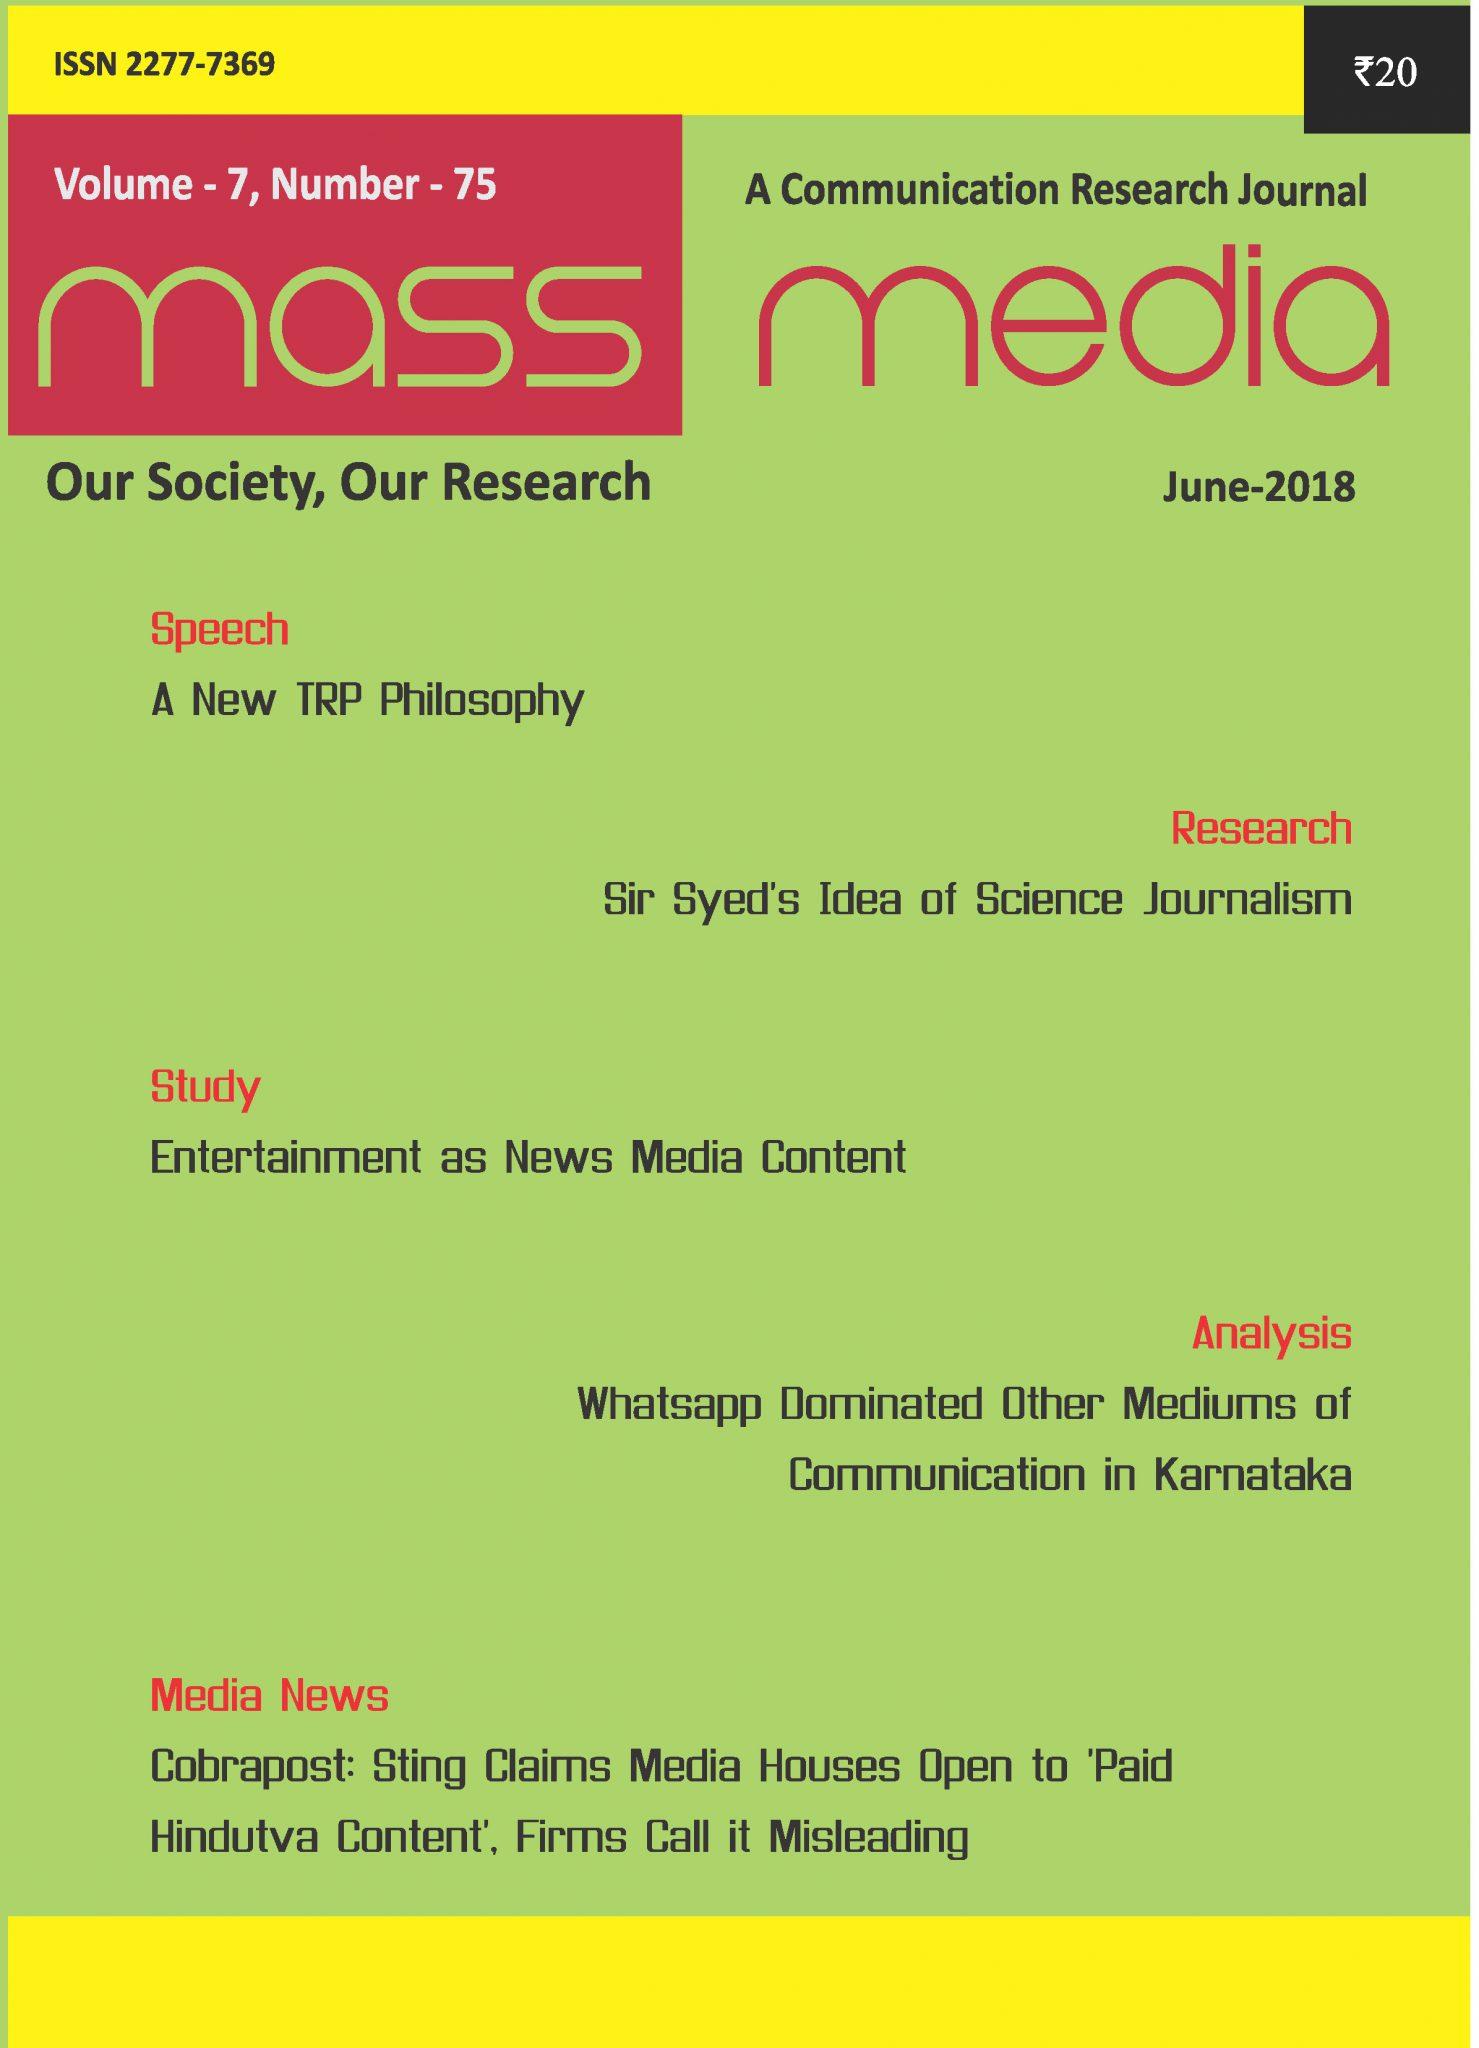 Mass Media (June 2018)